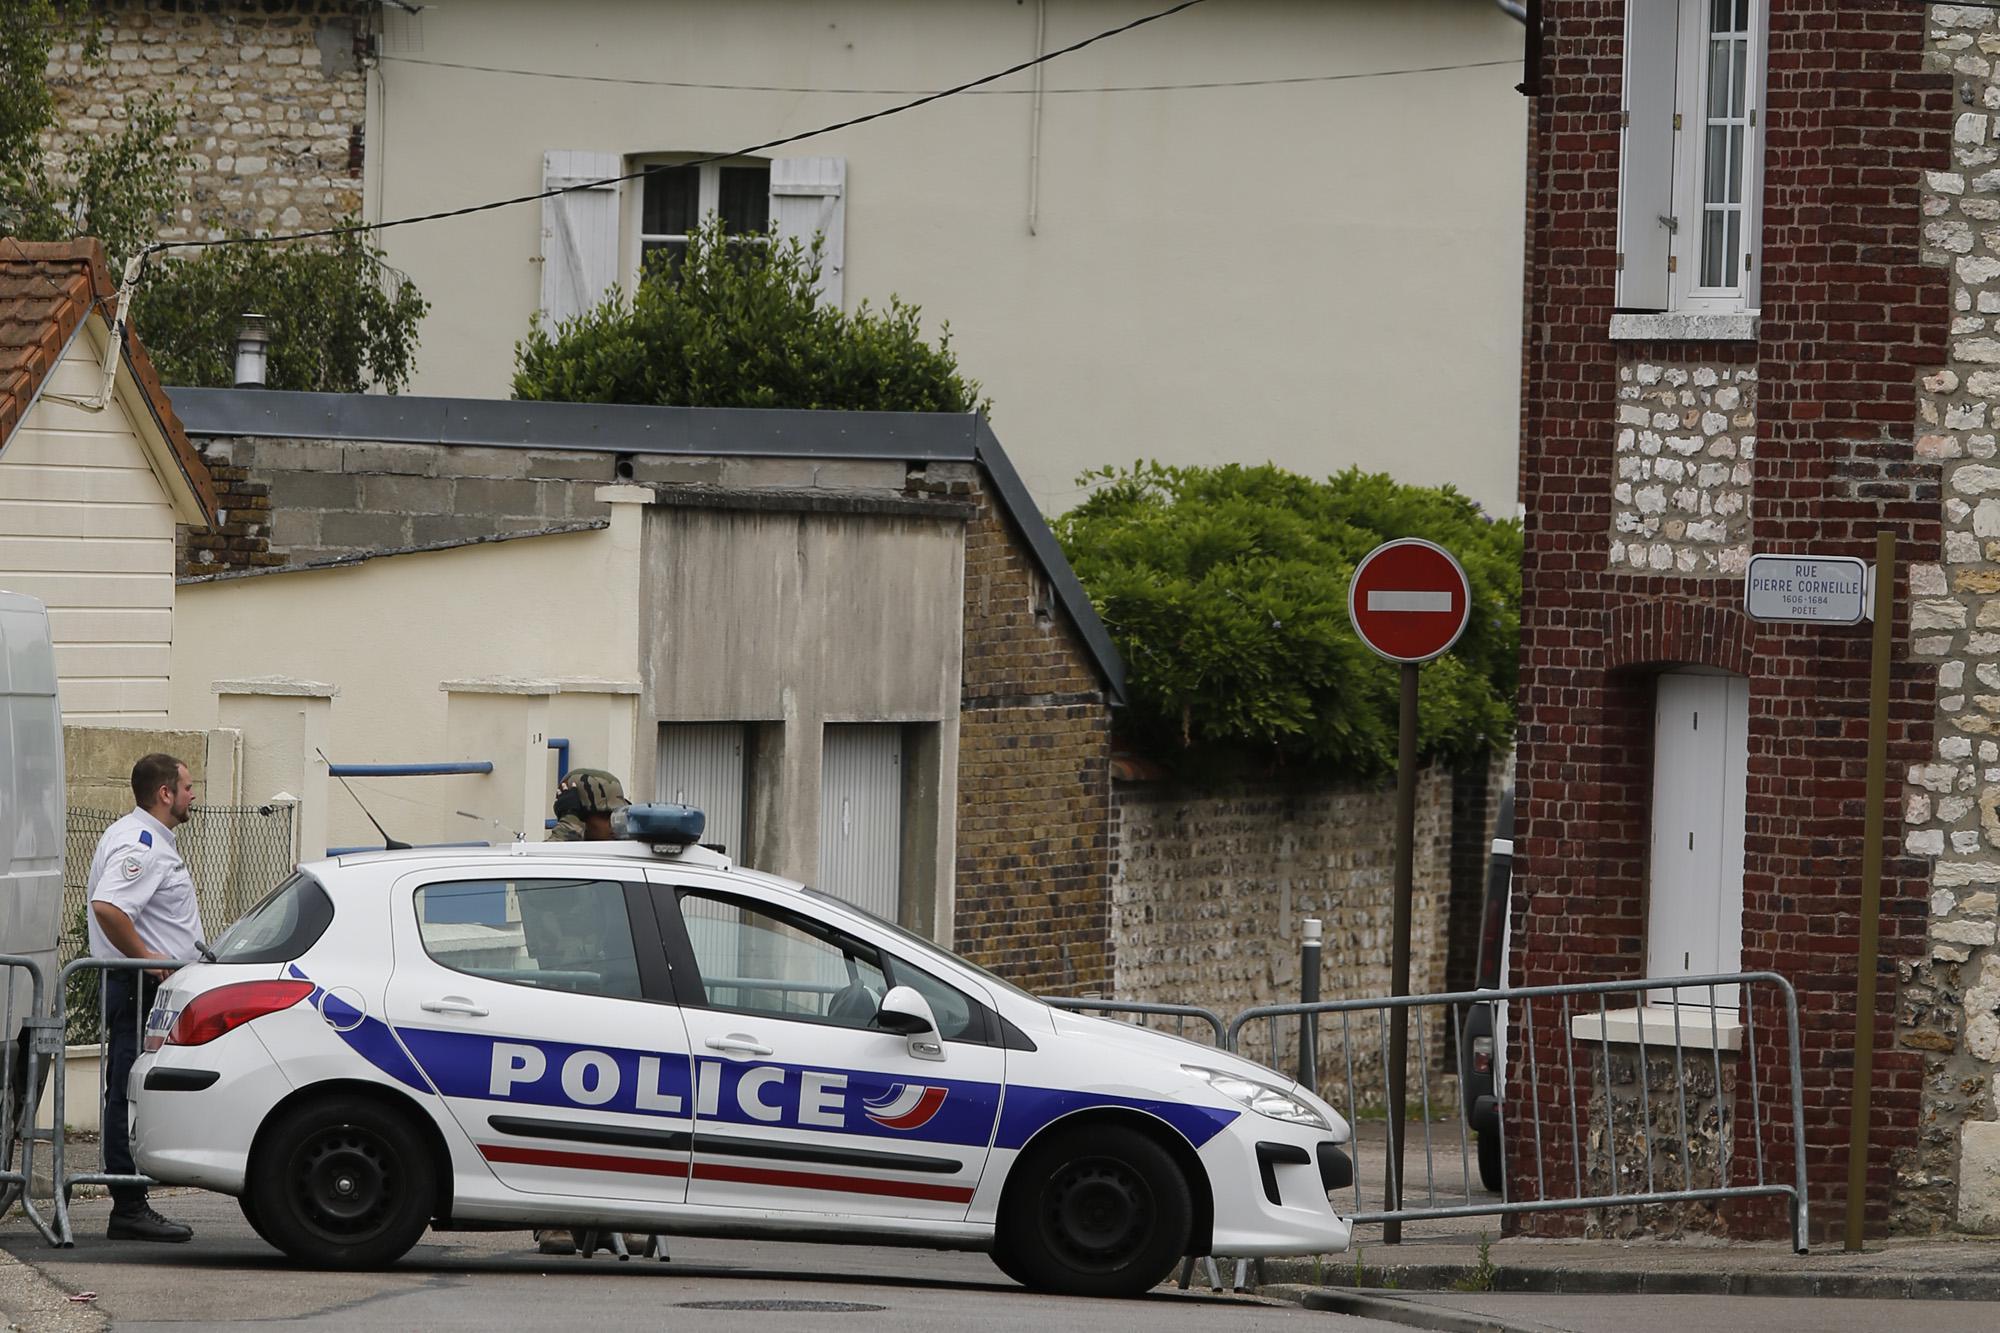 Allarme a Marsiglia, auto con 2 bombole di gas vicino sinagoga